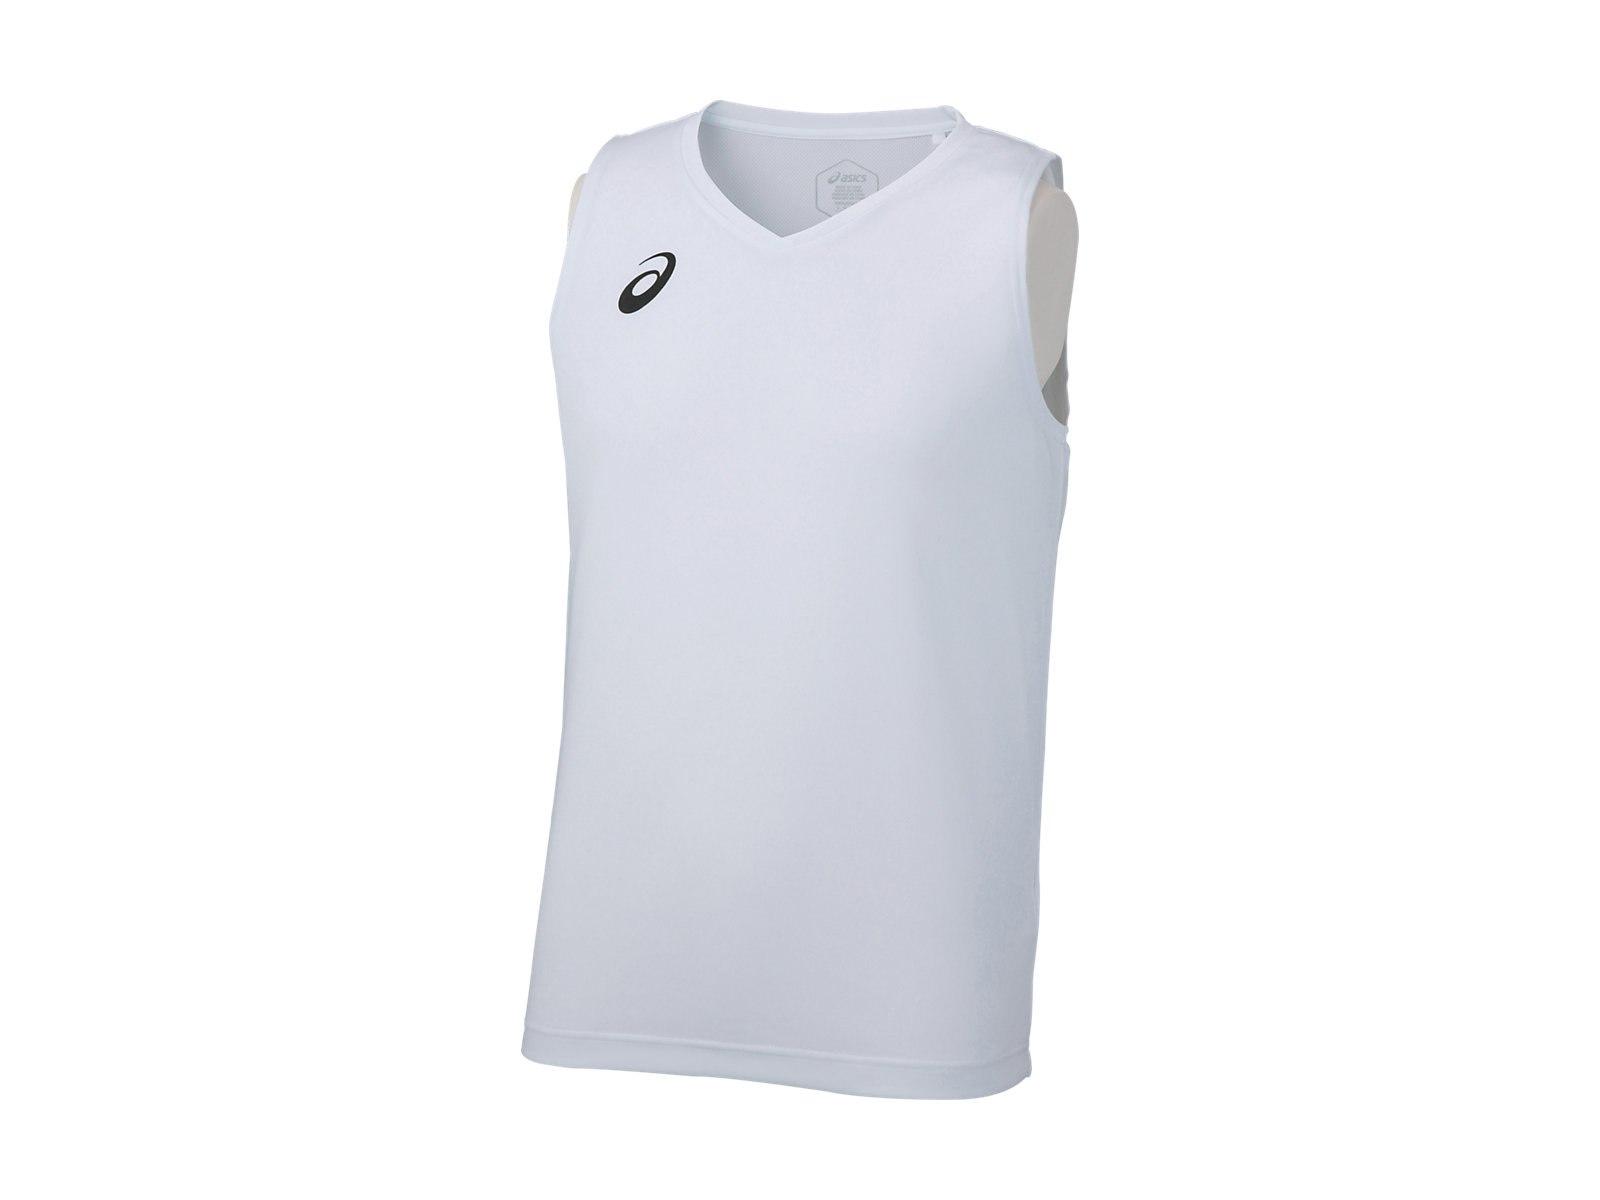 10%OFF 日本未発売 アシックス ノースリーブシャツ ホワイト XA6234 asics 01